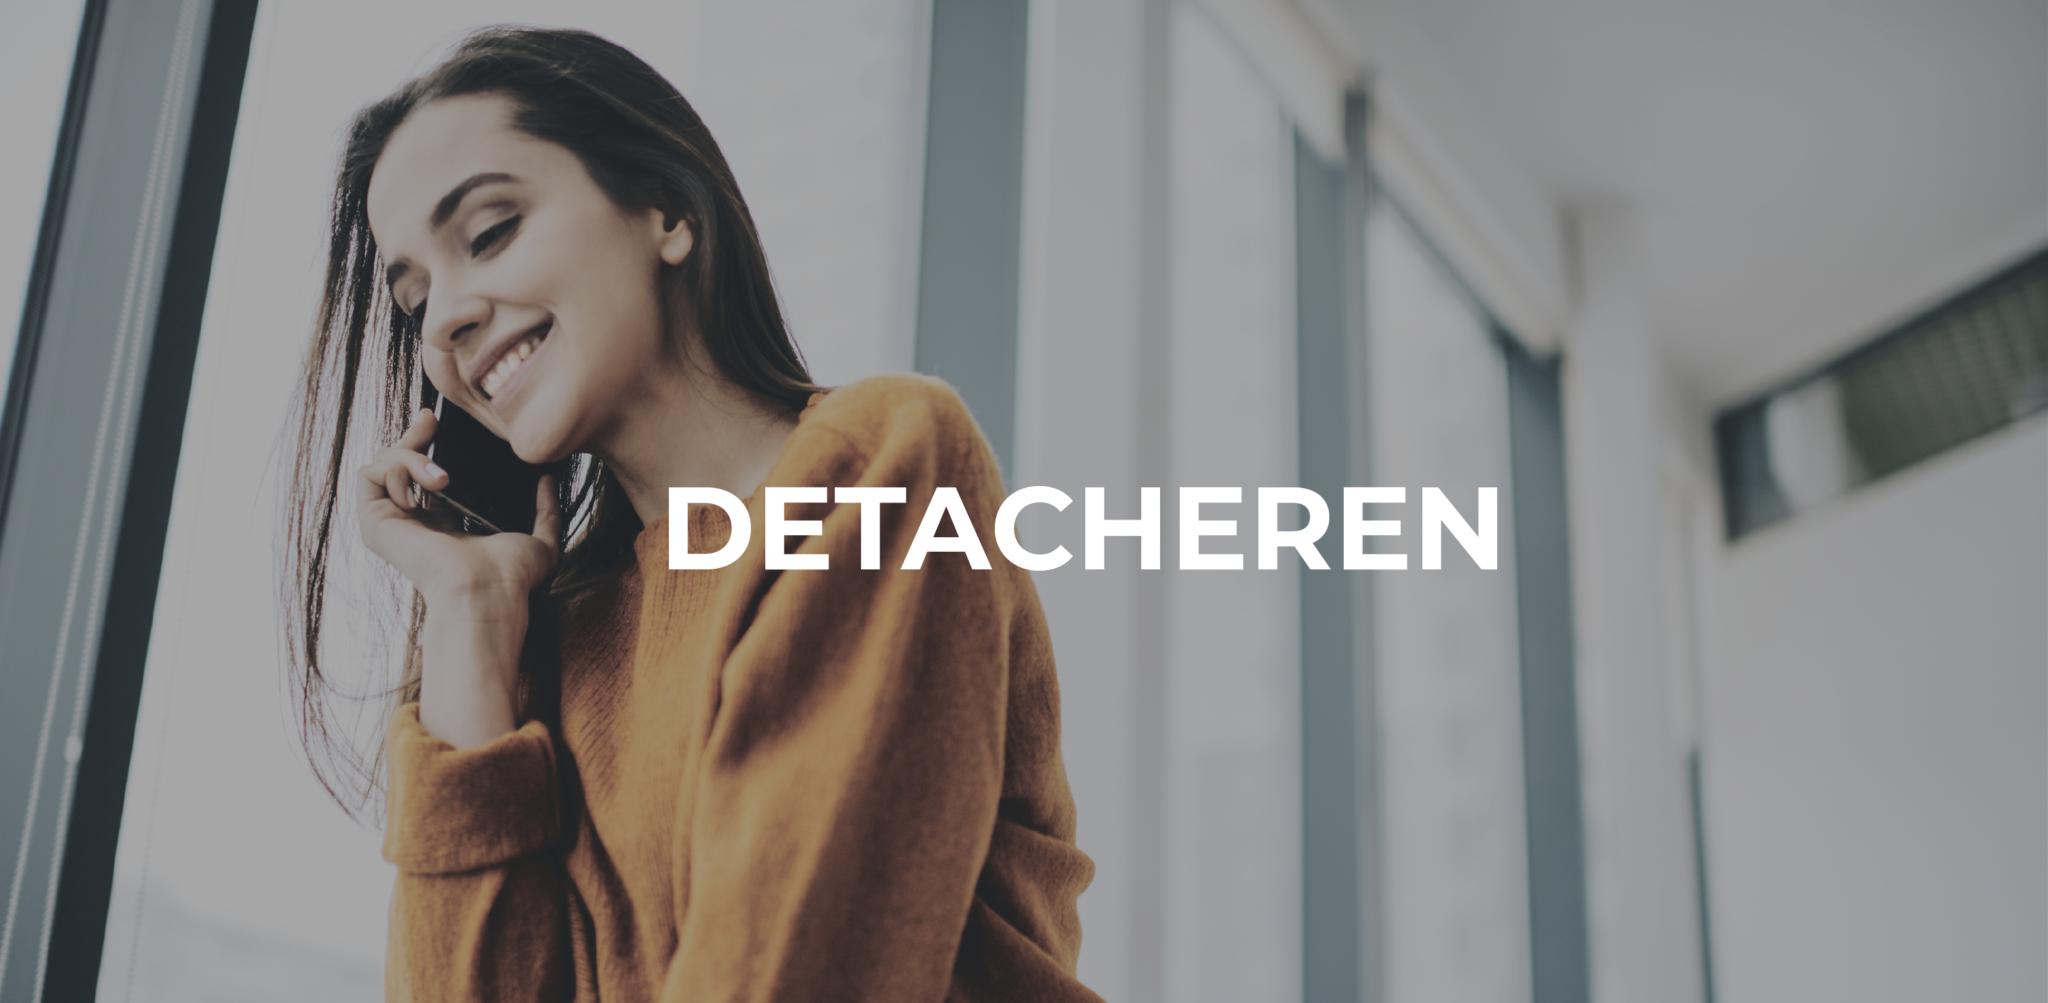 Detacheren-3@2x